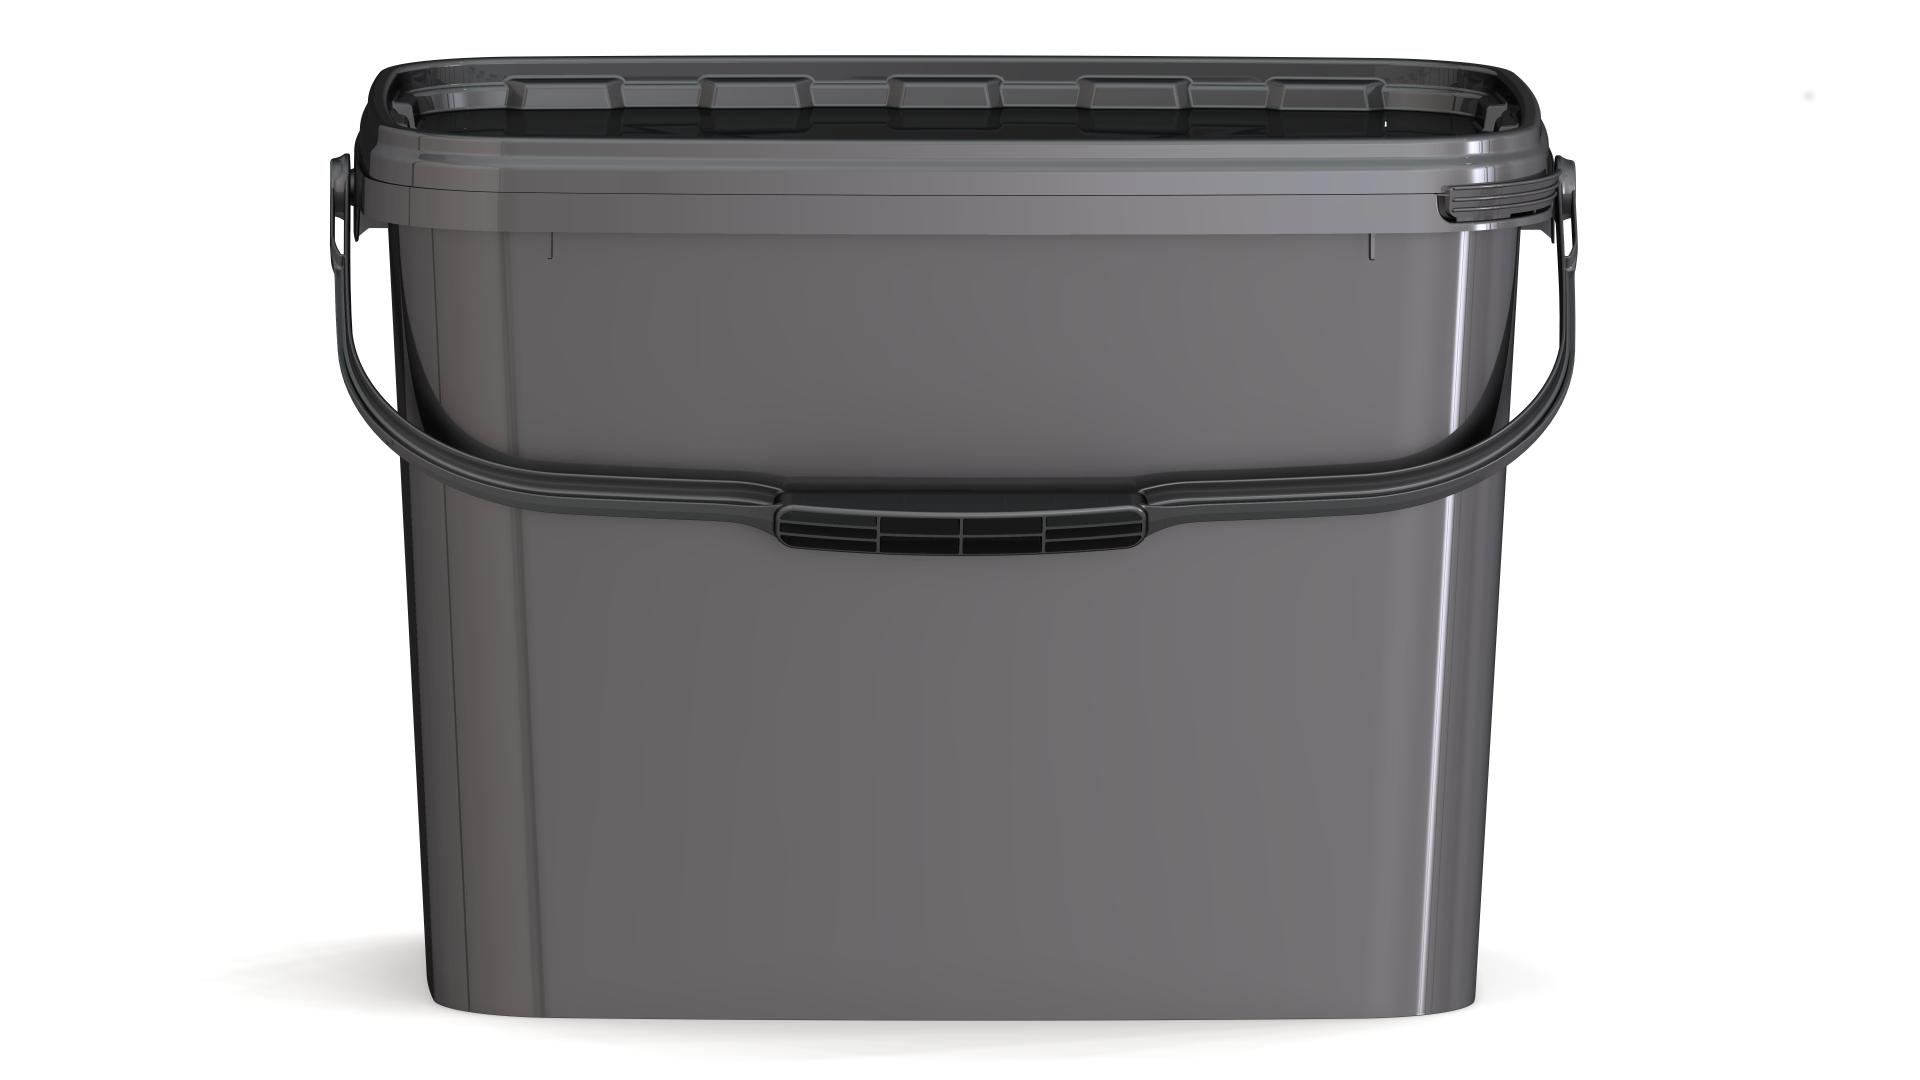 eimer jetr 80 p 8 7 liter mit deckel schwarz verpackungen von packstar. Black Bedroom Furniture Sets. Home Design Ideas